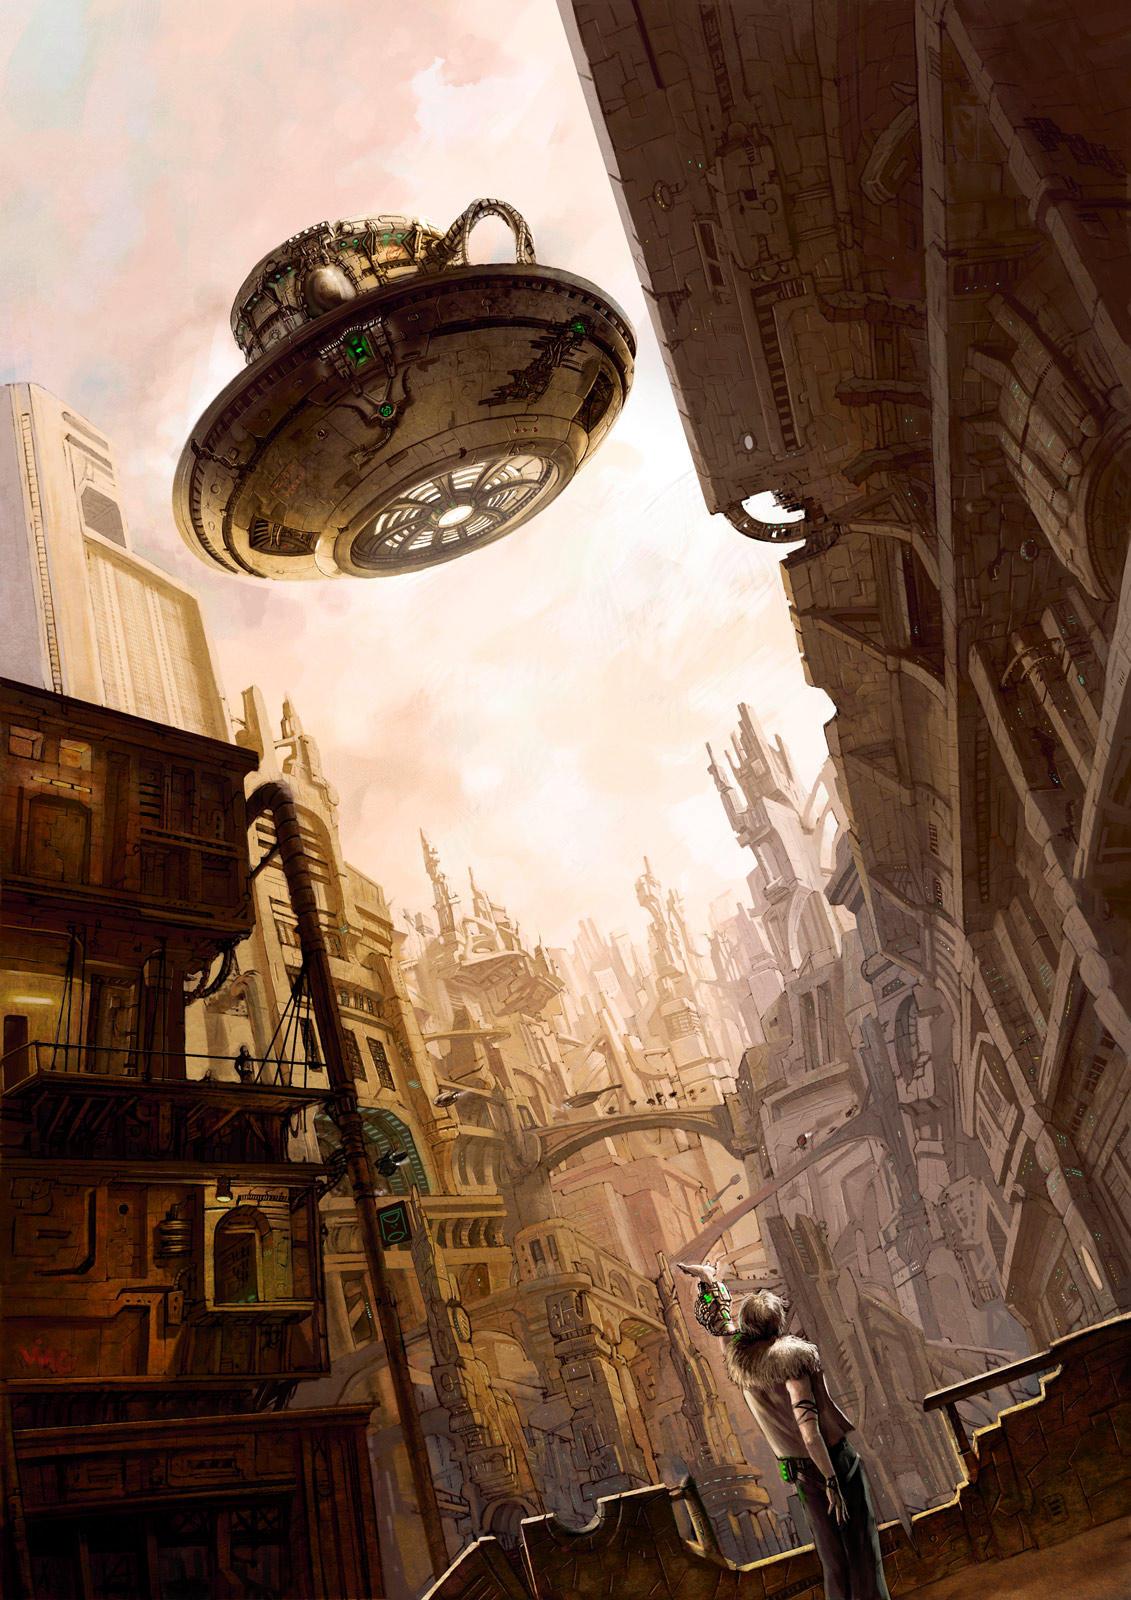 La soucoupe volante by MarcSimonetti